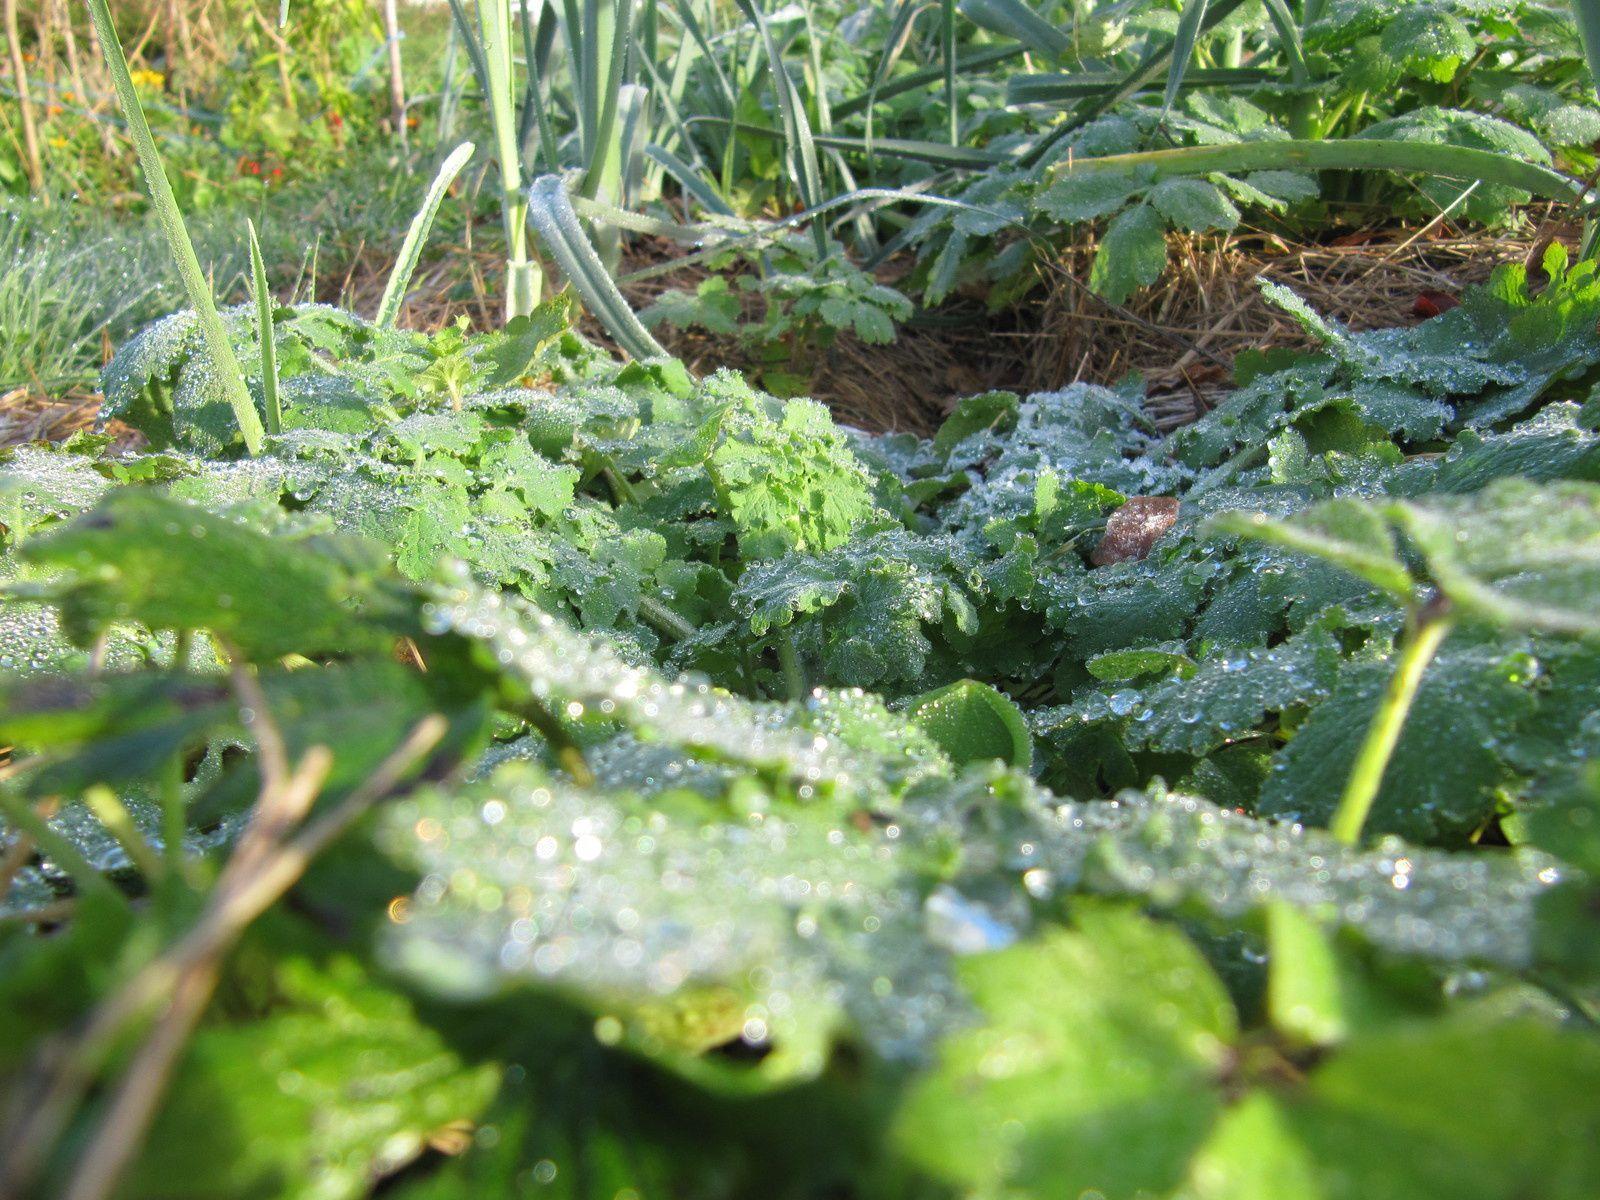 Le jardin d'AIMA prêt pour les fêtes...